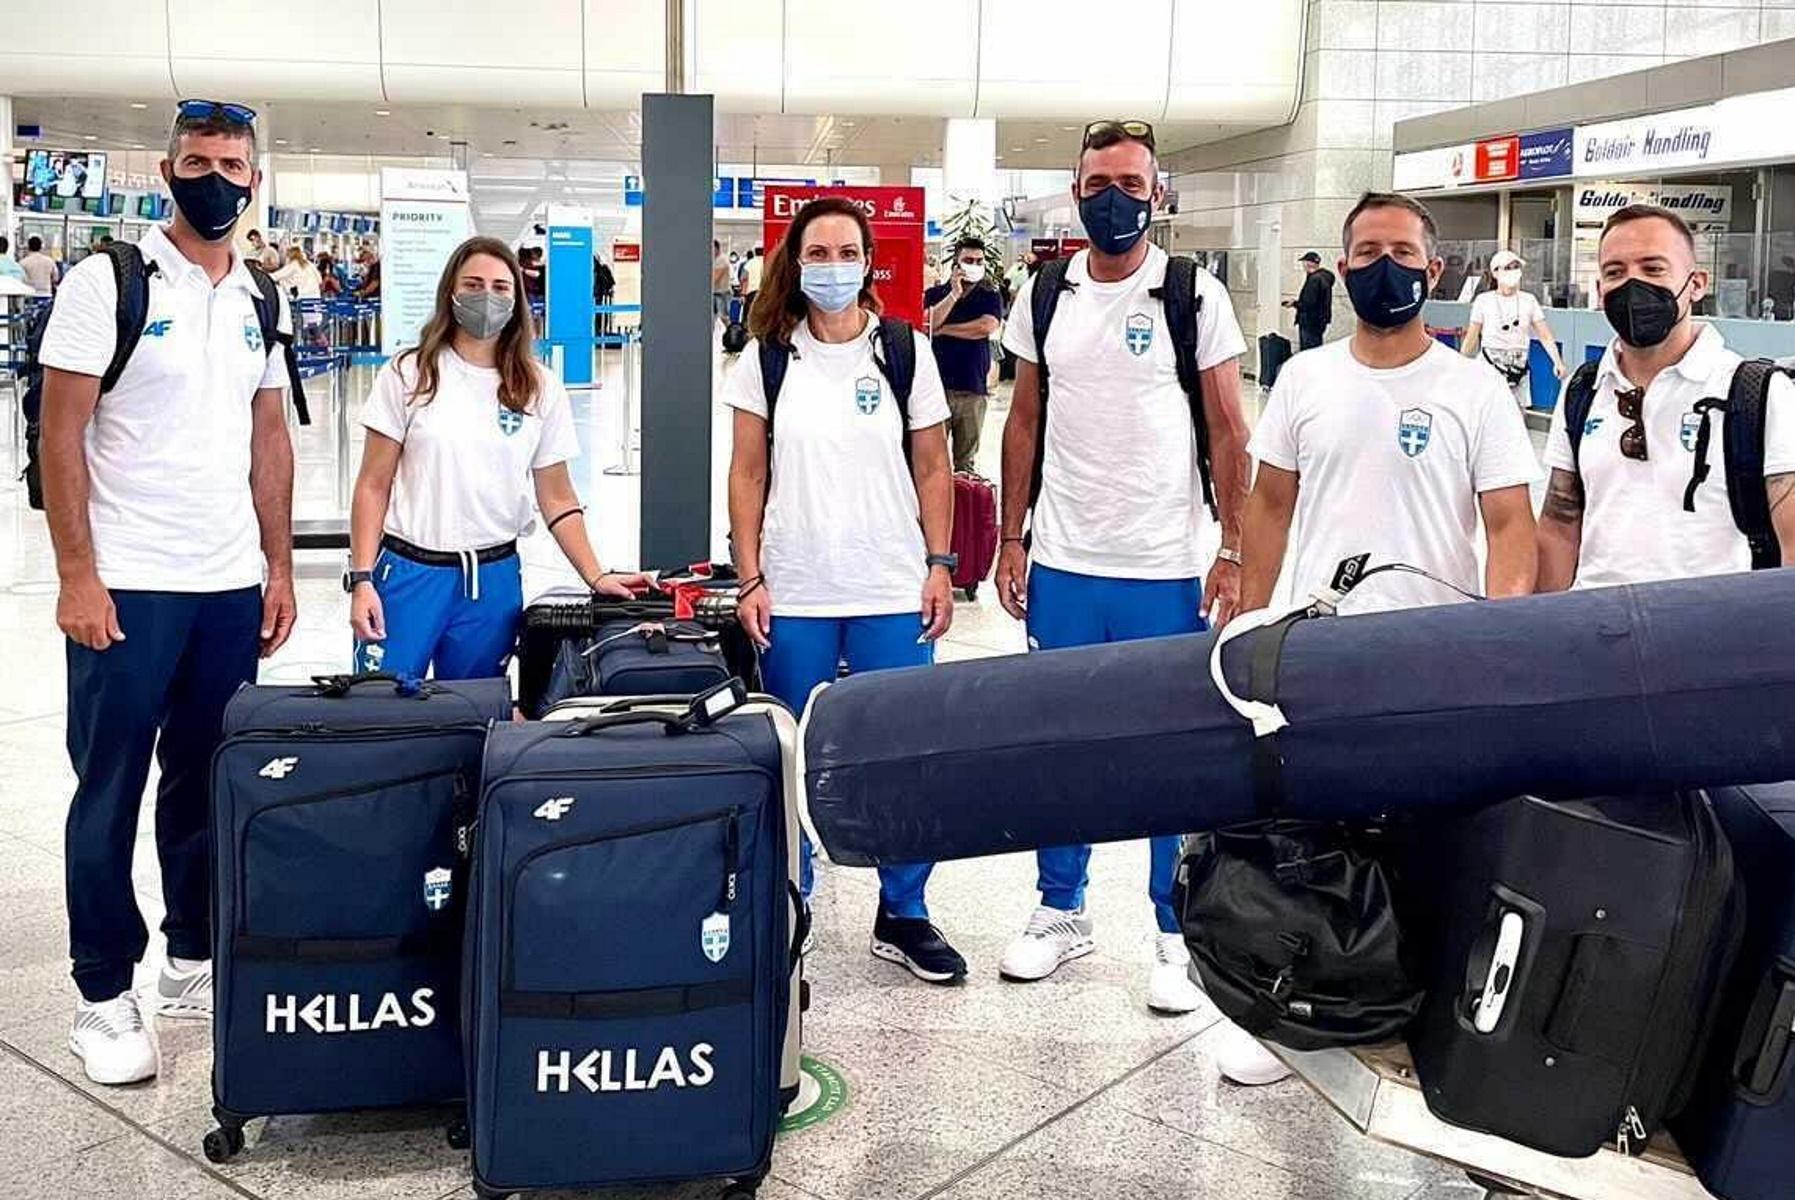 Ολυμπιακοί Αγώνες: Αναχώρησαν τα ελληνικά πληρώματα για Τόκιο